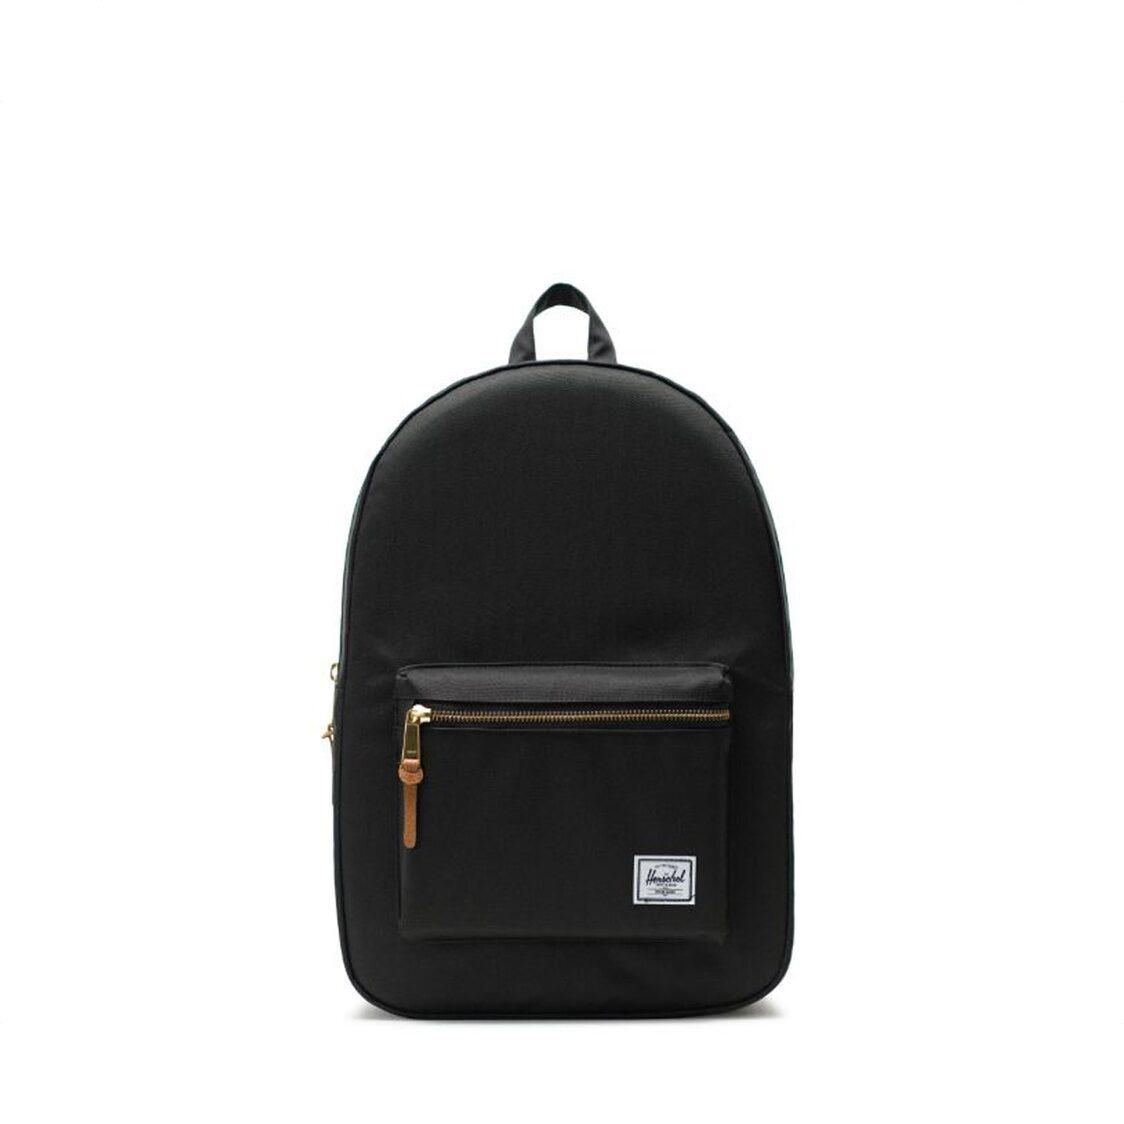 Herschel Settlement Black Backpack 10005-00001-OS